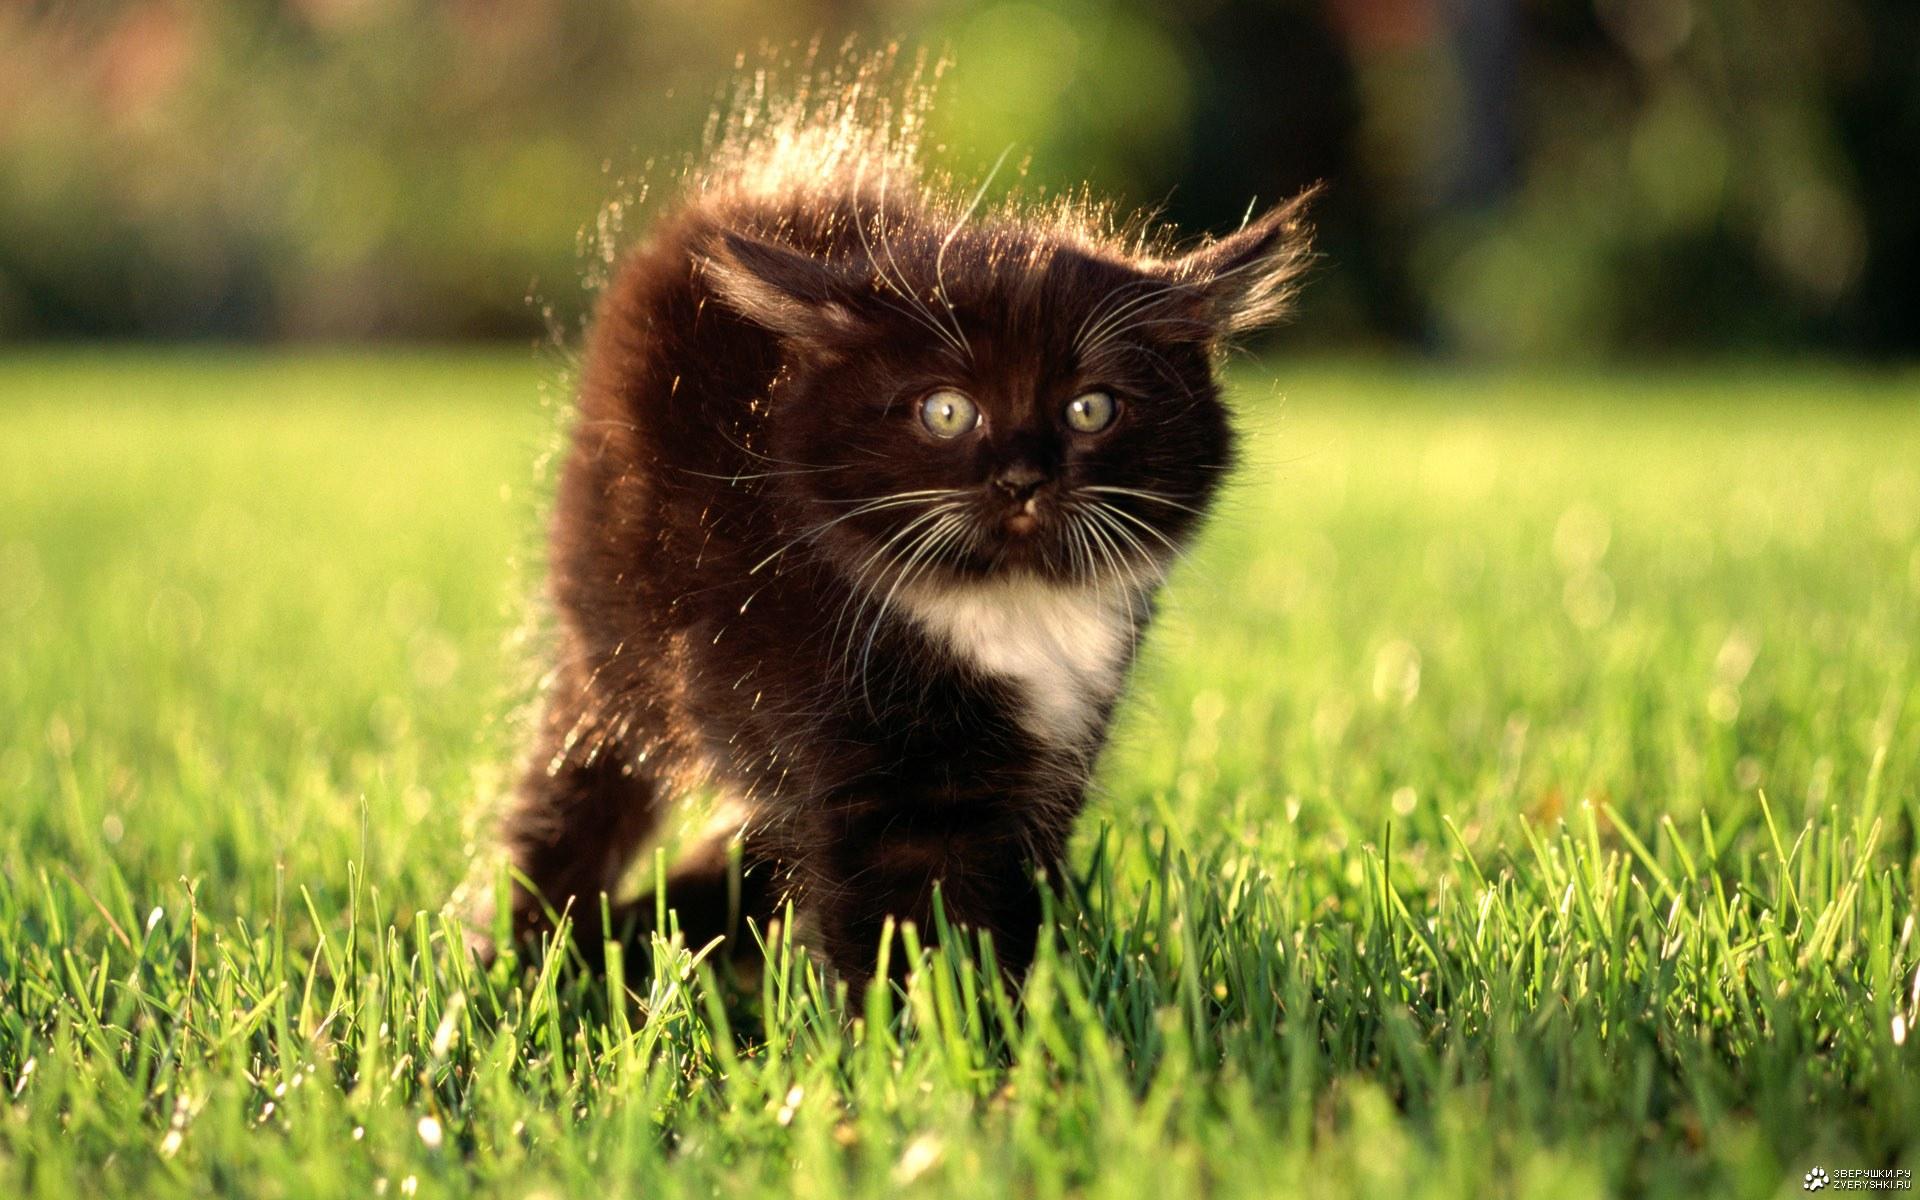 Кот взгляд испуганный  № 650756 загрузить